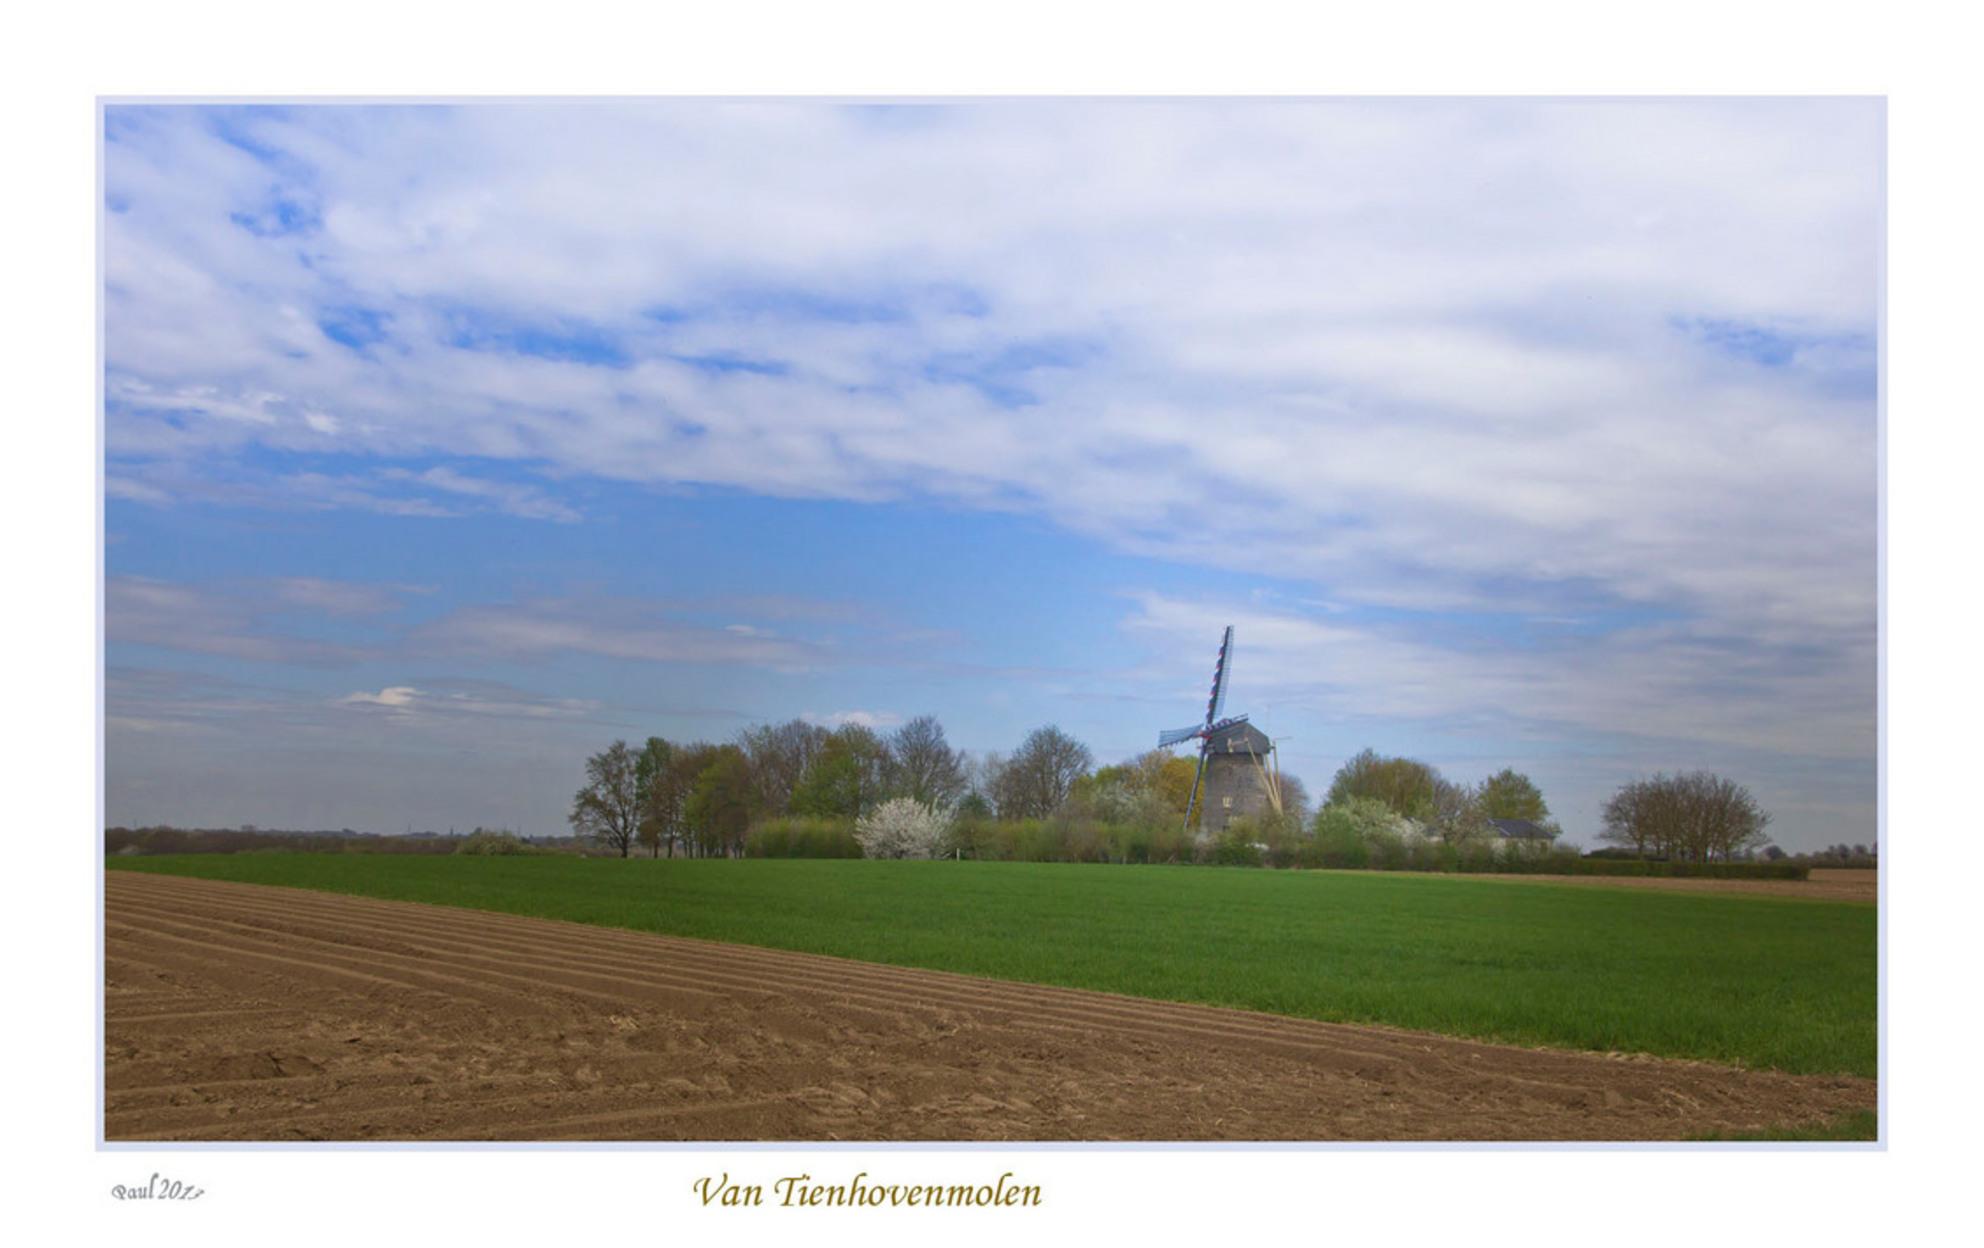 Van tienhovenmolen ff op klikken - De Van Tienhovenmolen uit 1855 is gelegen in het gehucht Wolfshuis. Dit is de enige Nederlandse molen, die vrijwel geheel uit mergelblokken is opgebo - foto door sleba op 28-04-2013 - deze foto bevat: voorjaar, Van Tienhovenmolen, Wolfshuis - Deze foto mag gebruikt worden in een Zoom.nl publicatie